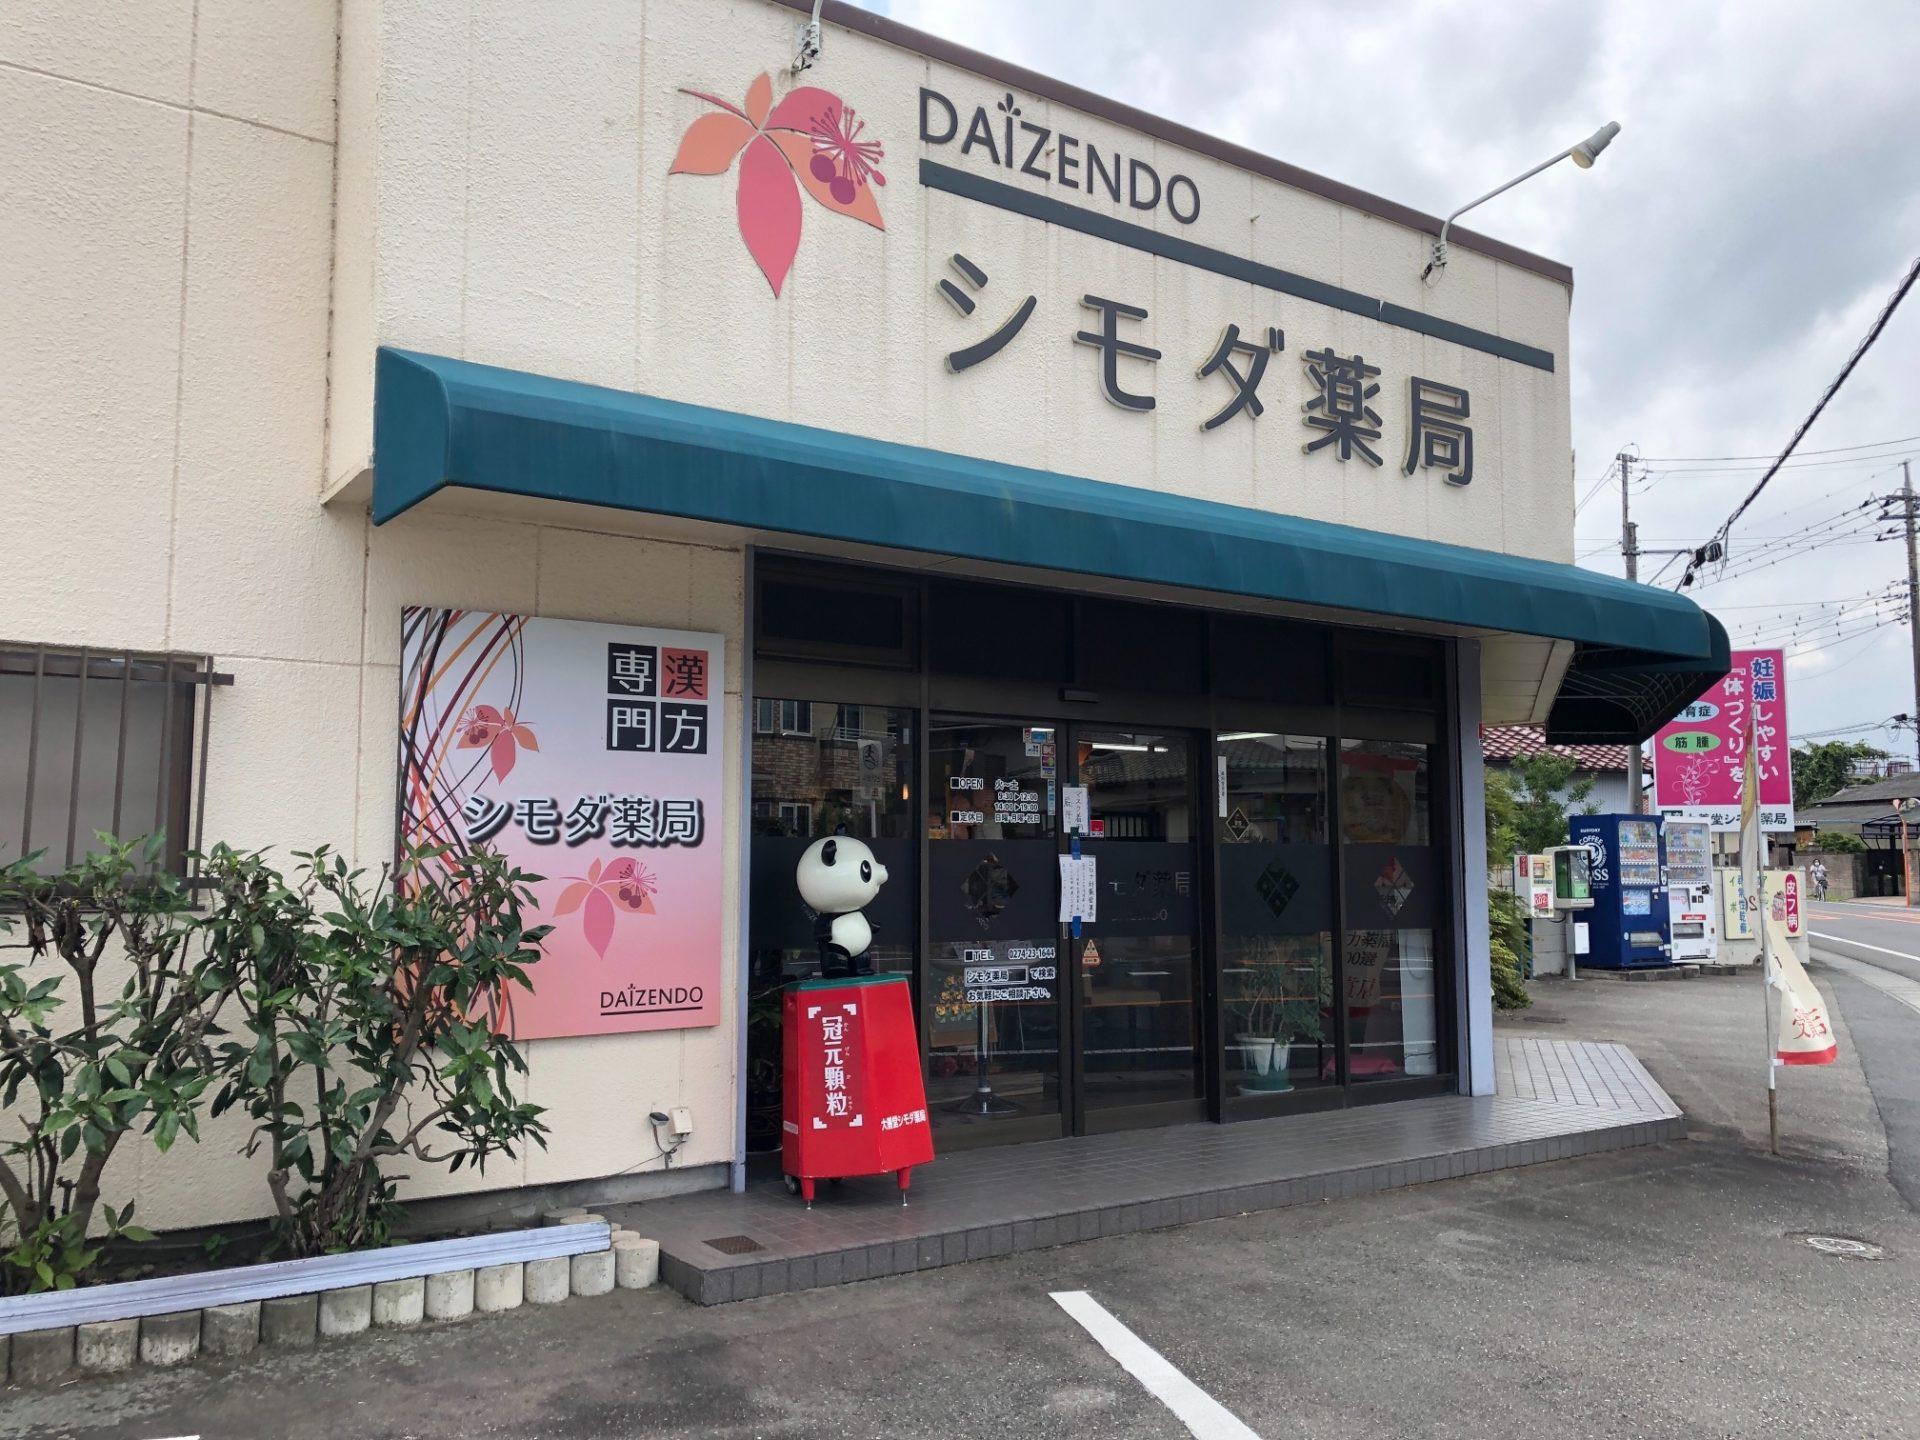 大善堂シモダ薬局